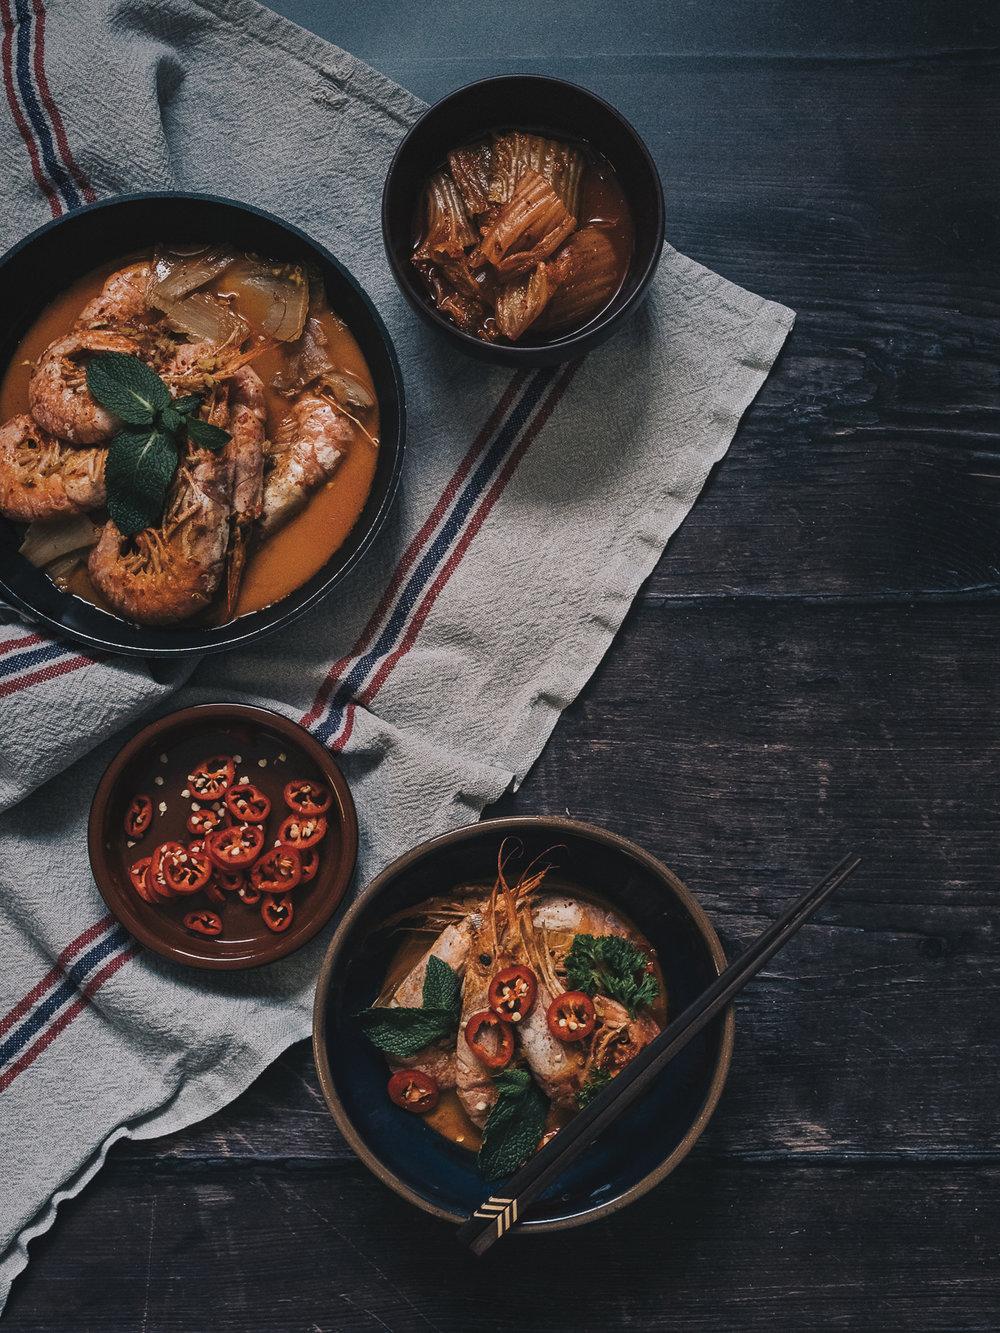 利用俯拍呈現物件之間的關係與比例,也可以清楚地表達盤中食物的模樣。